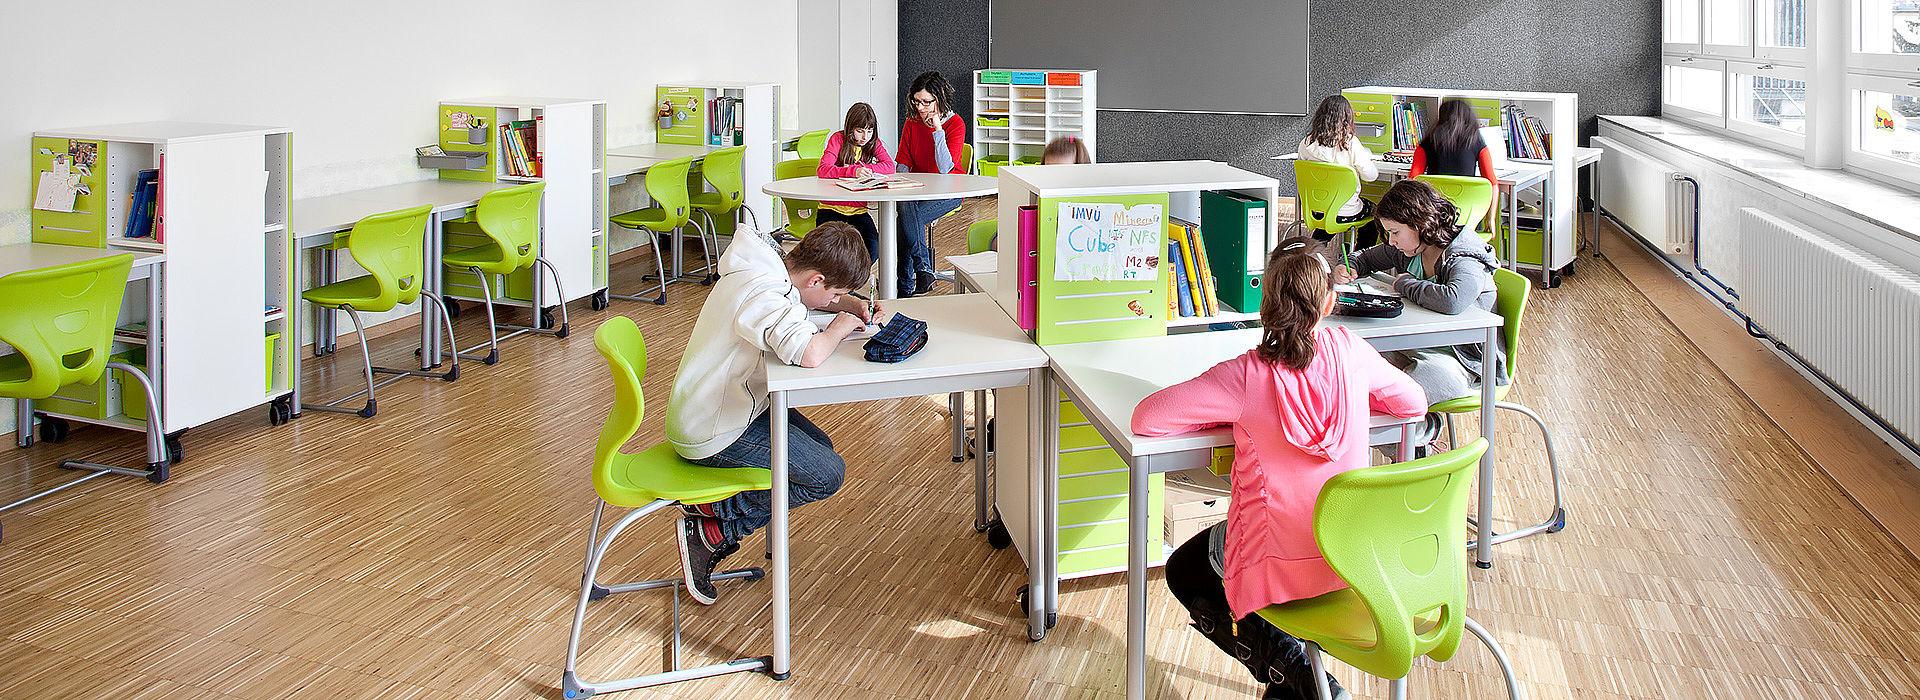 salle de classe flexible - travail tranquille